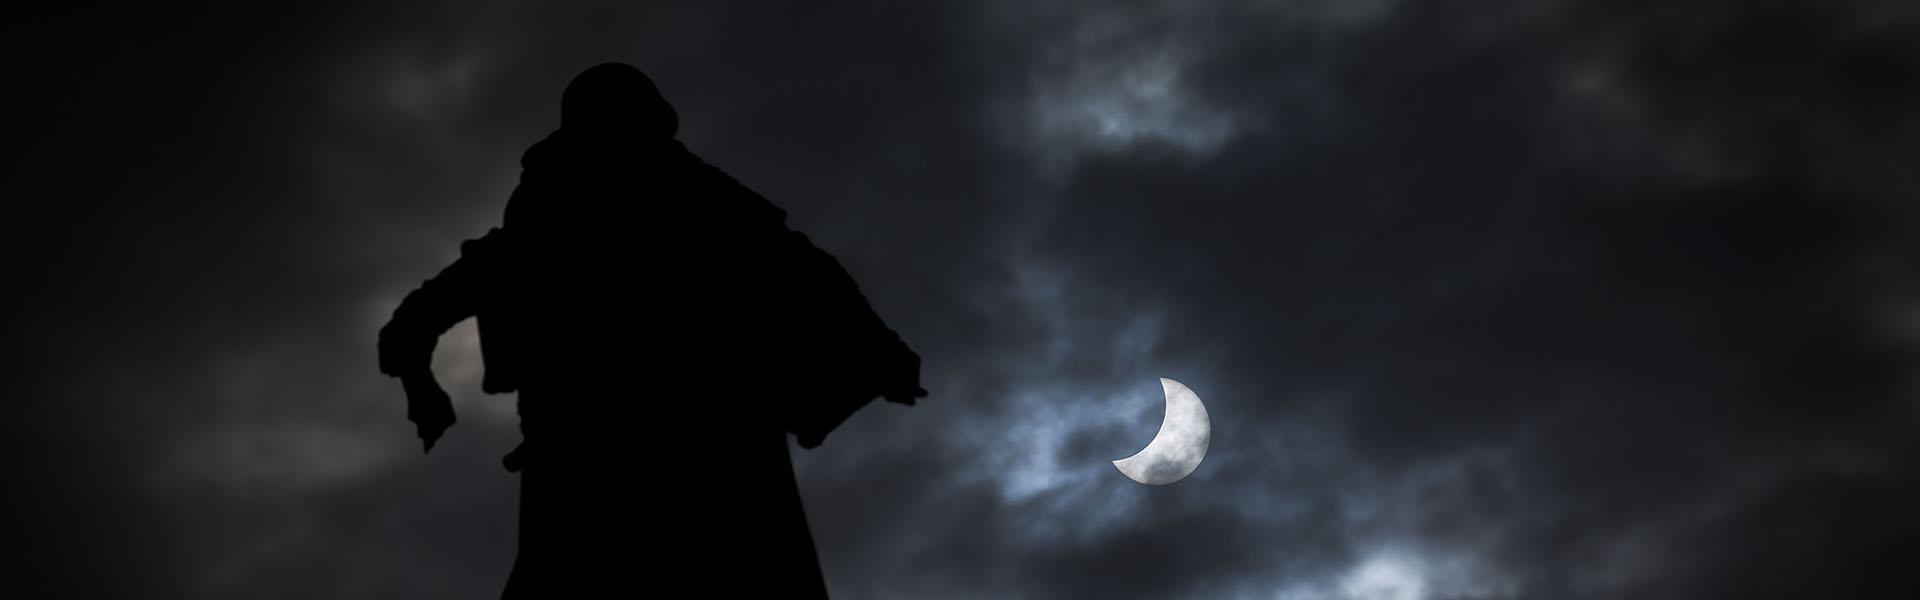 La estatua de Colón (Barcelona) señala el eclipse solar del 20 de marzo de 2015. Foto: Pere Virgili